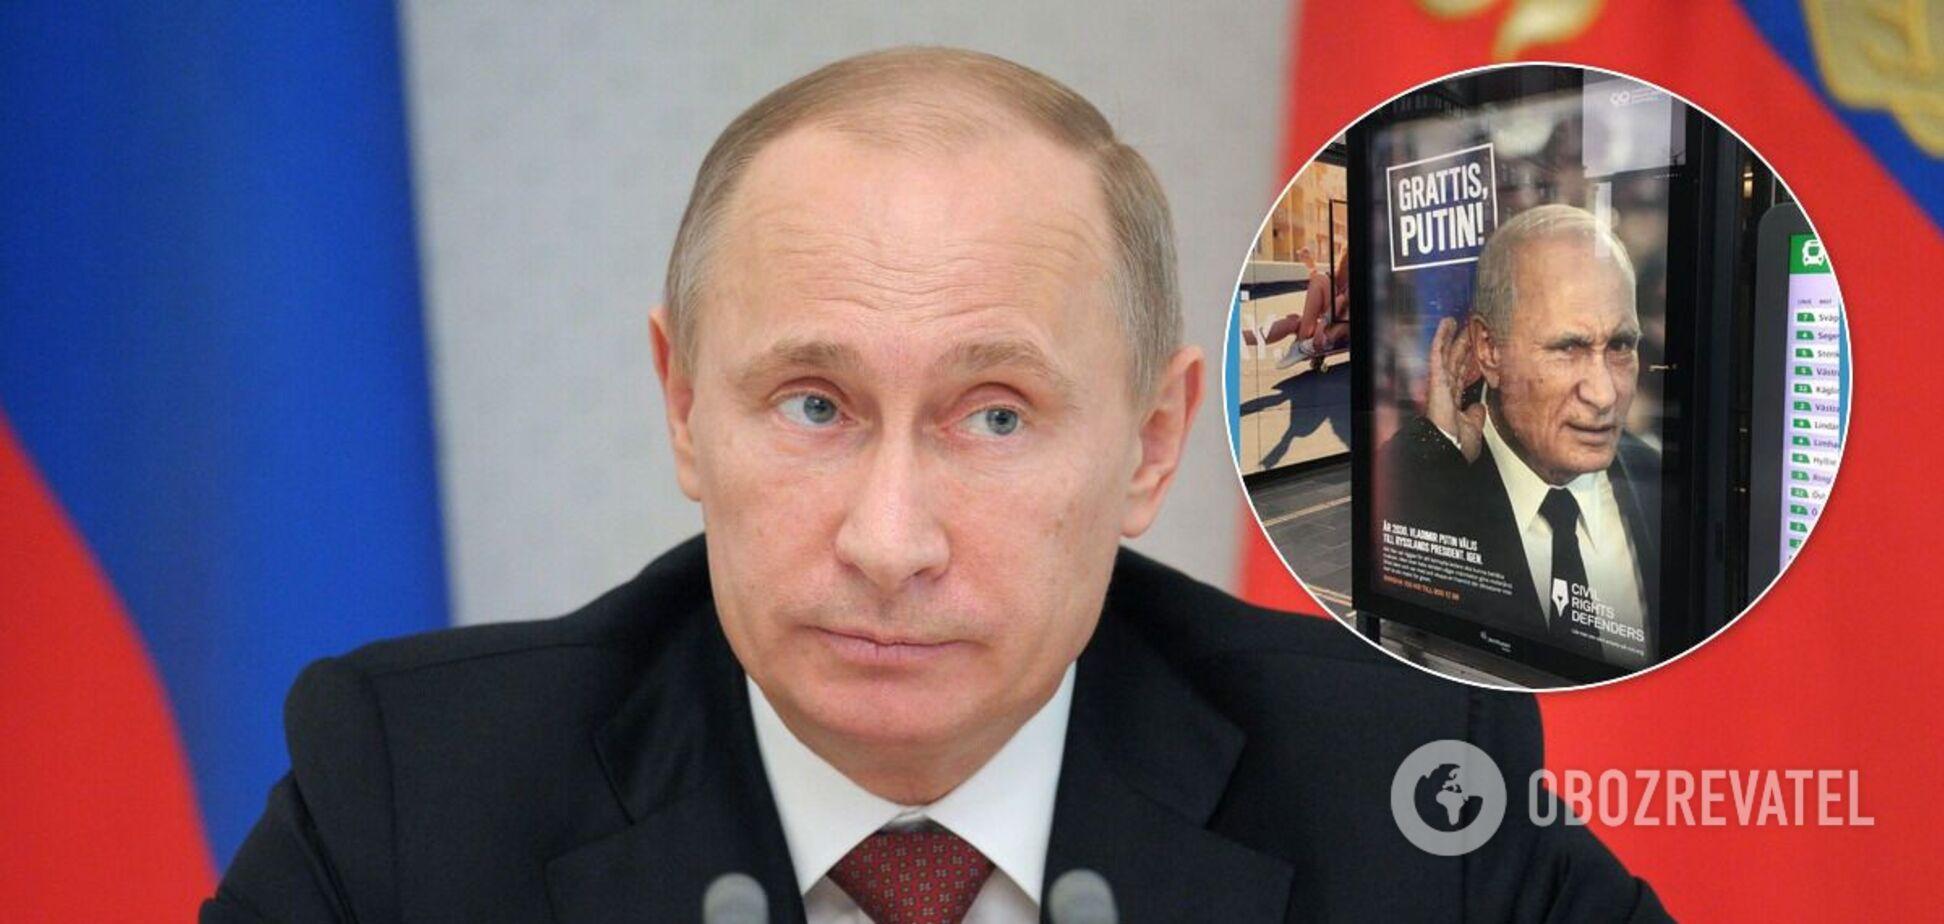 В Швеции рекламой указали Путину, что ему пора уйти из власти. Фото